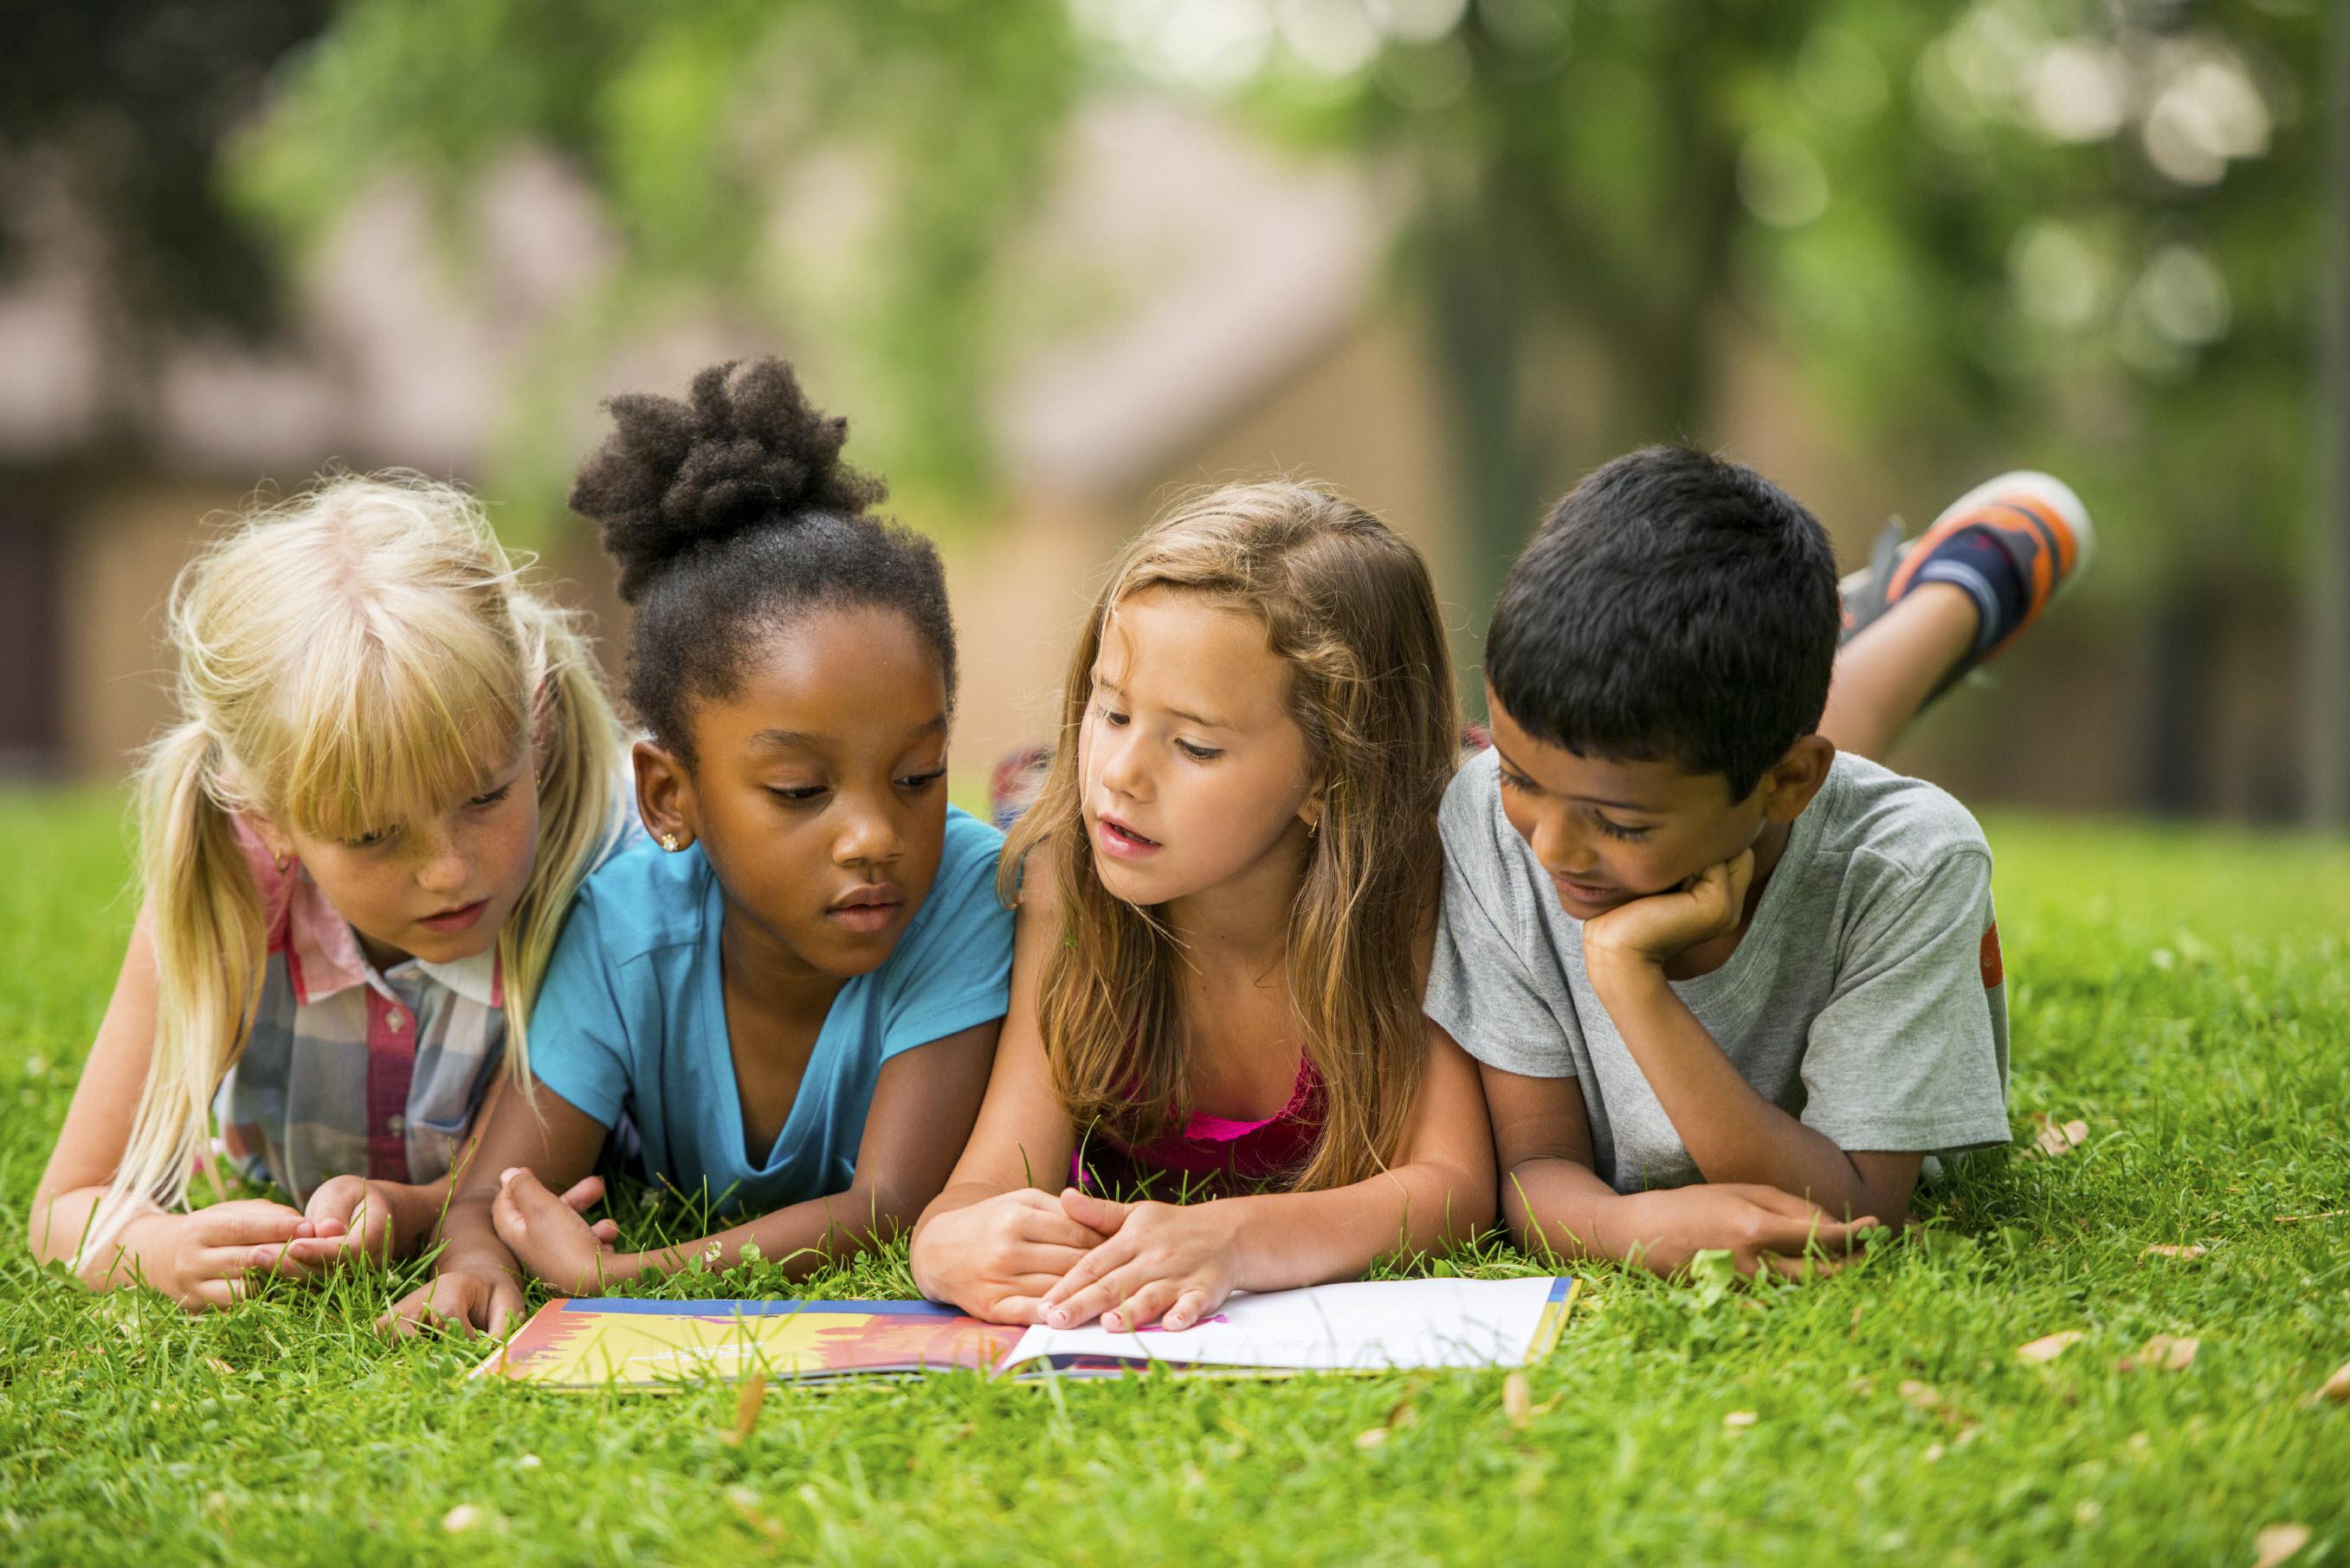 بالصور احدث صور للاطفال , اجمل لقطات لاحباب الله 405 2